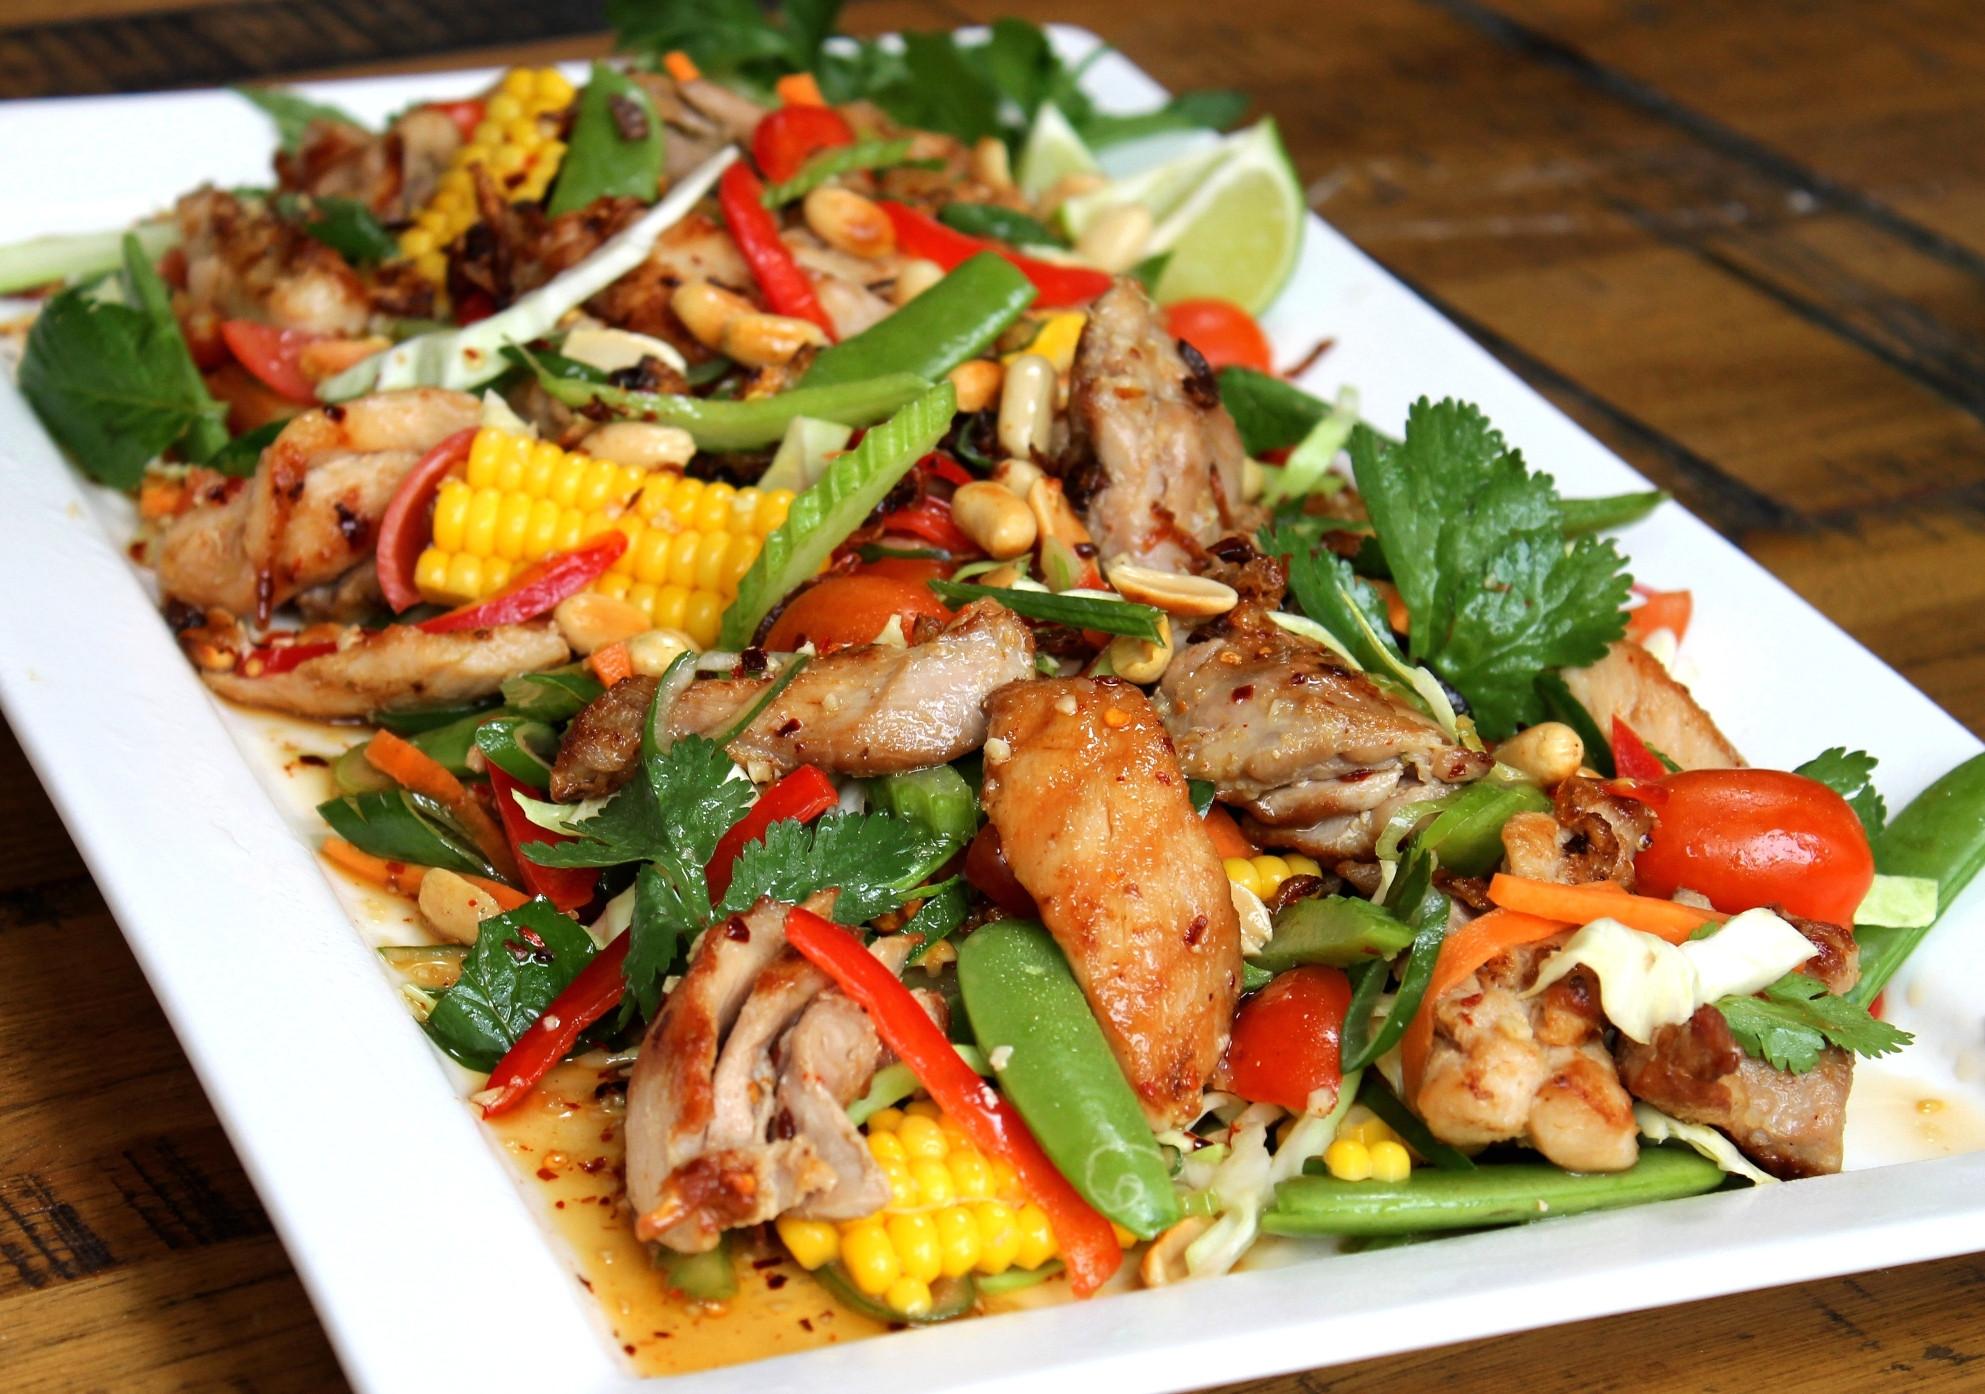 Chicken Salad Recipe Healthy  Healthy Chicken Salad Recipe — Dishmaps